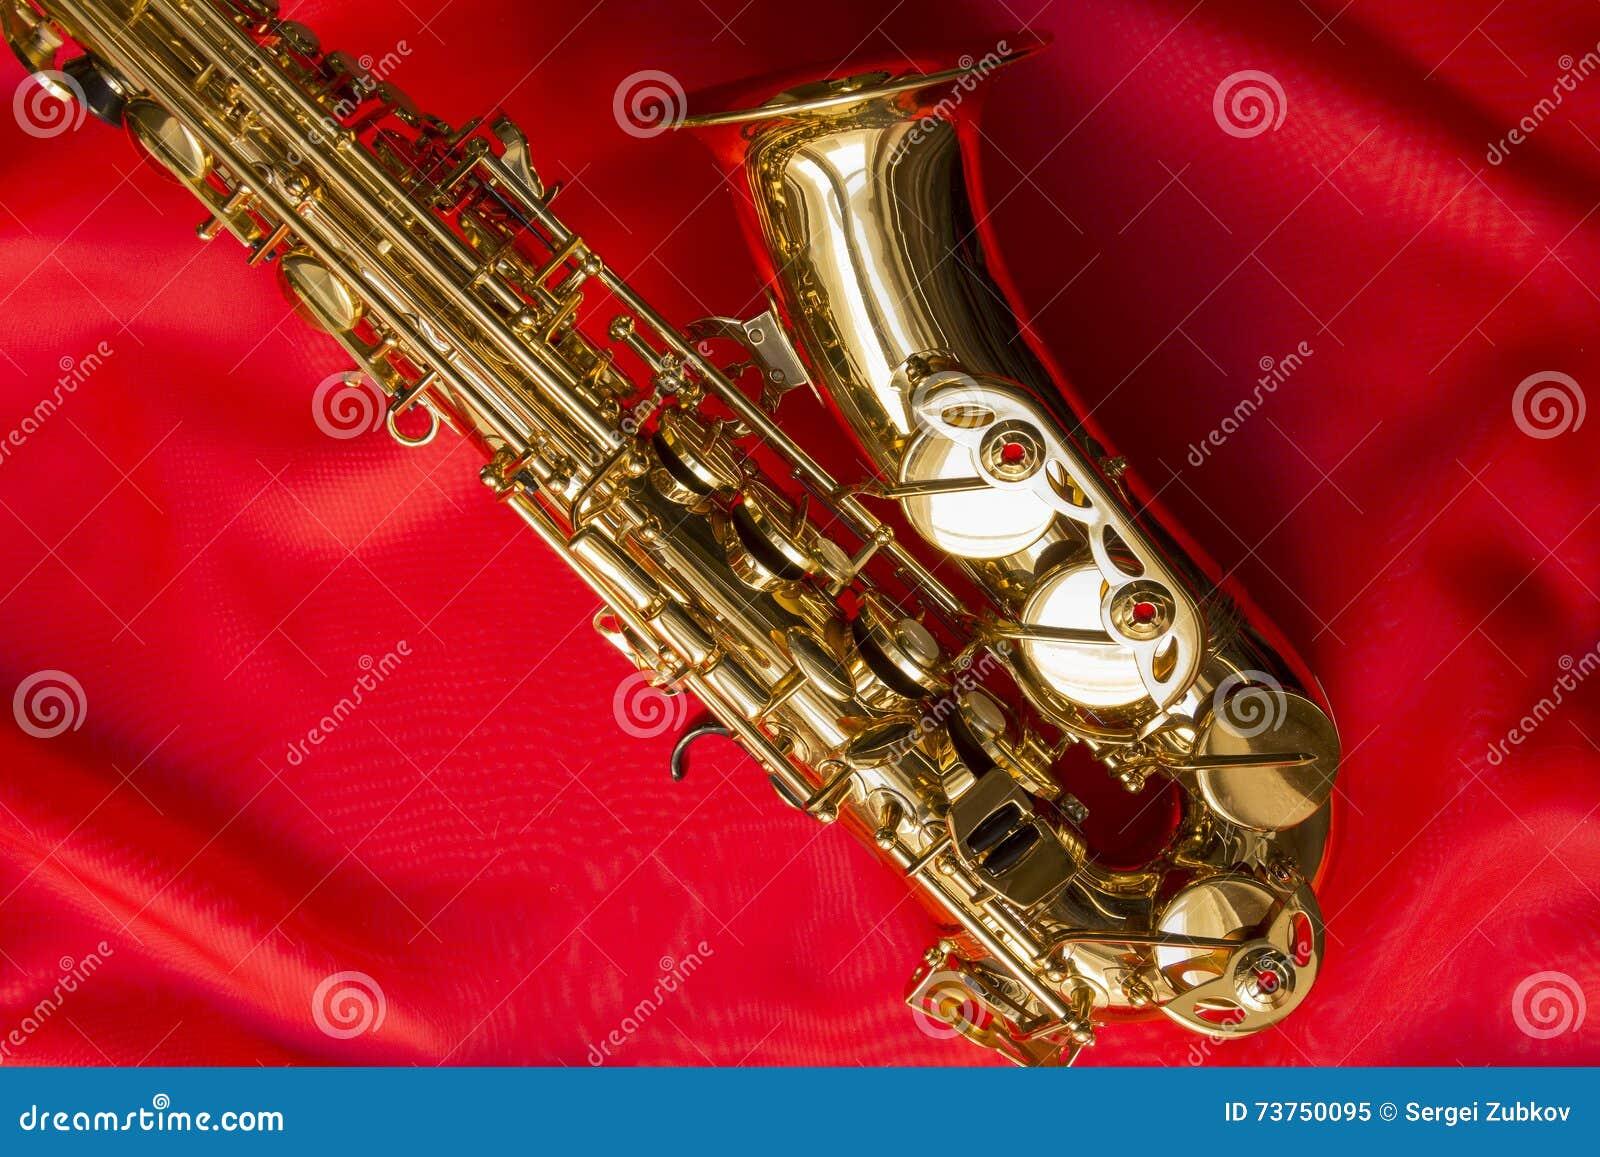 Красивый золотой саксофон стоковое изображение. изображение ...